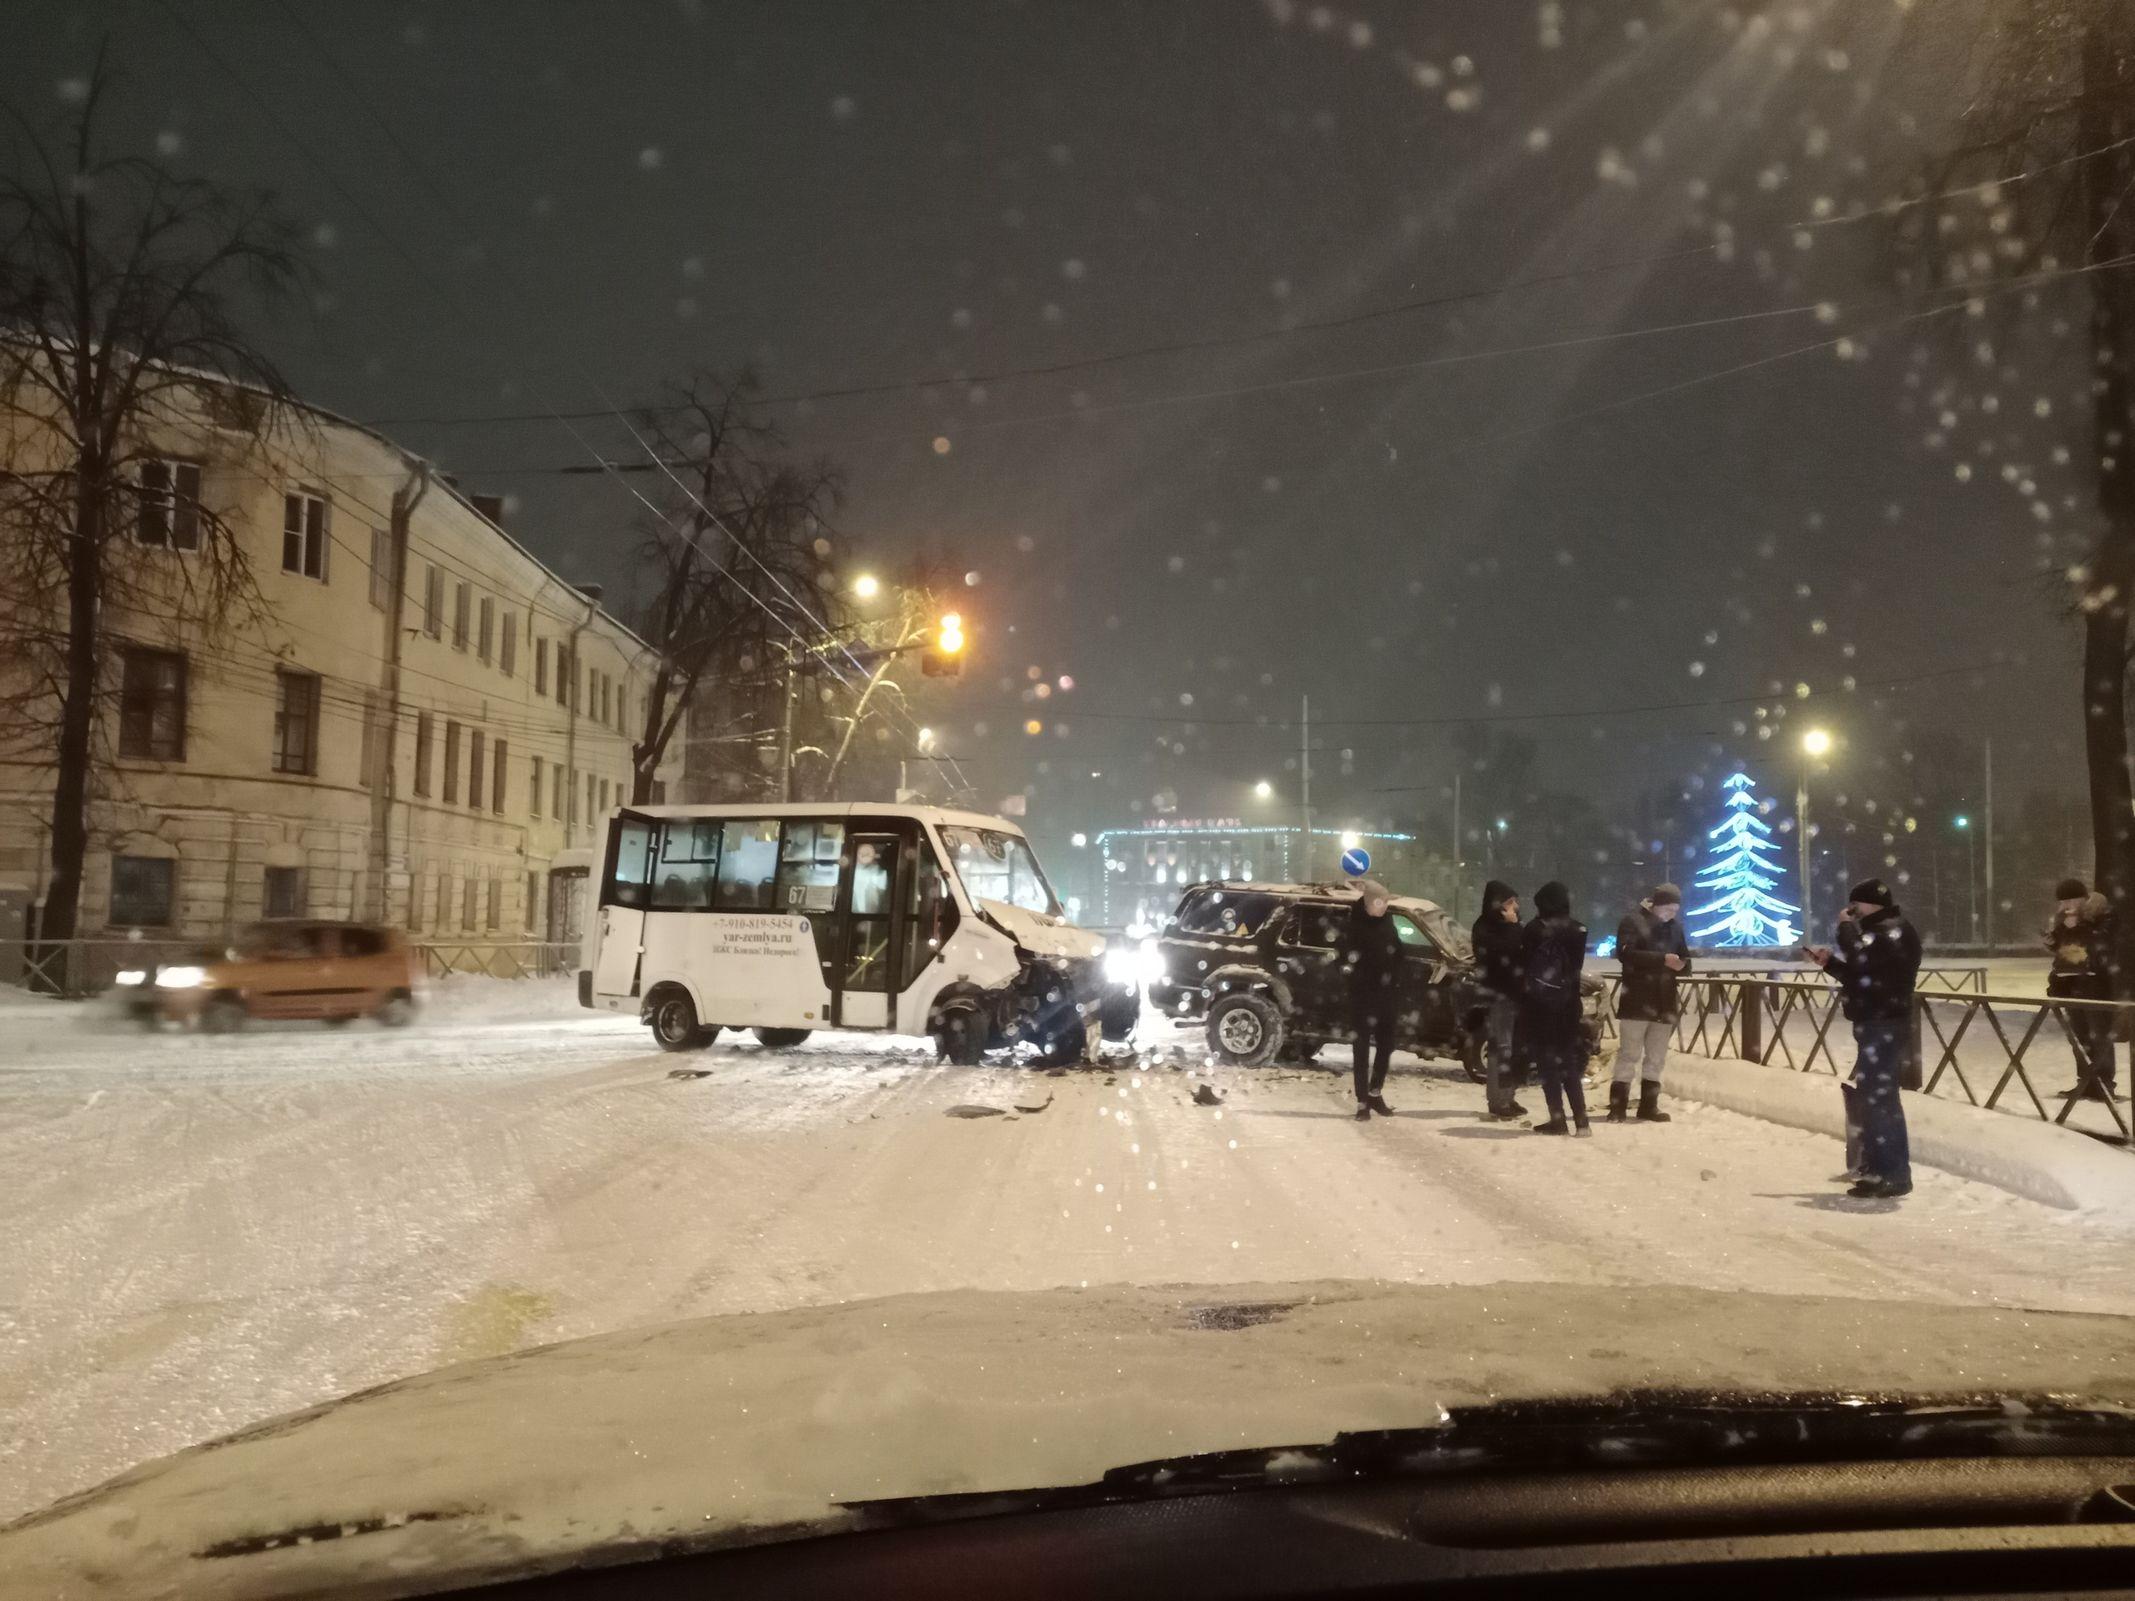 Три человека пострадали в ДТП с участием маршрутки в Ярославле